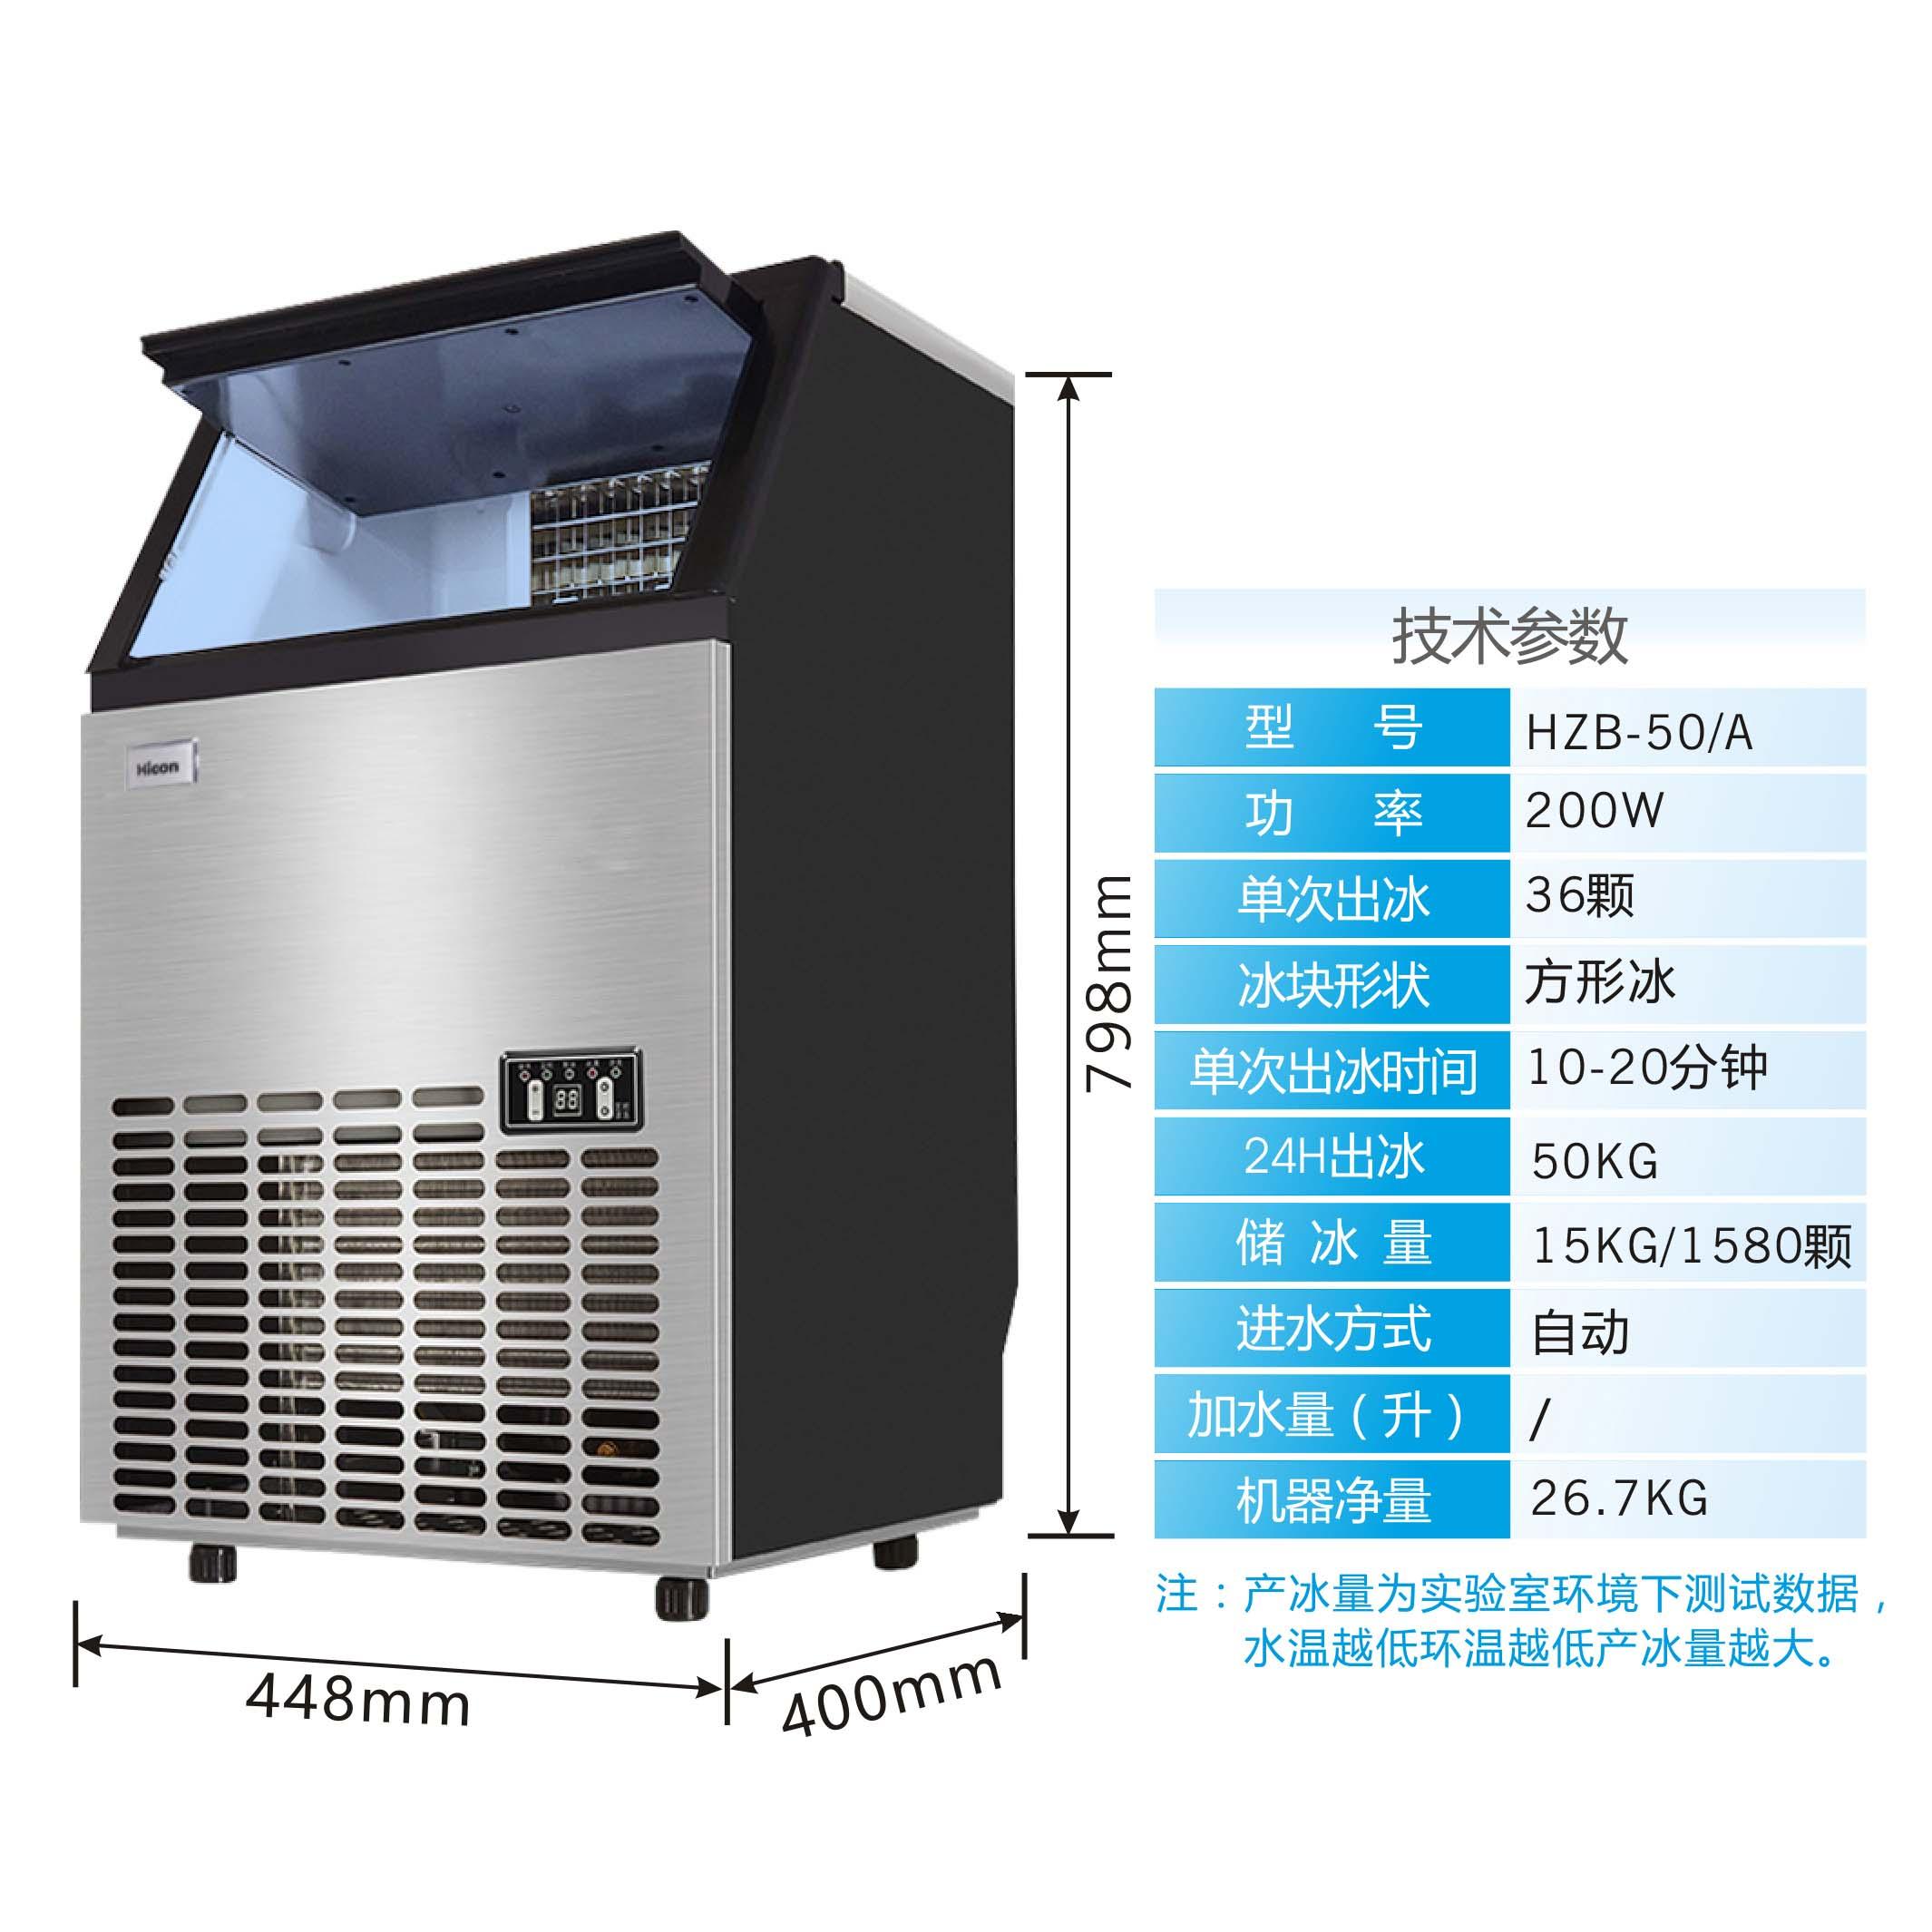 惠康制冰机商用奶茶店55kg大型酒吧家用全自动小型方冰块制作机器